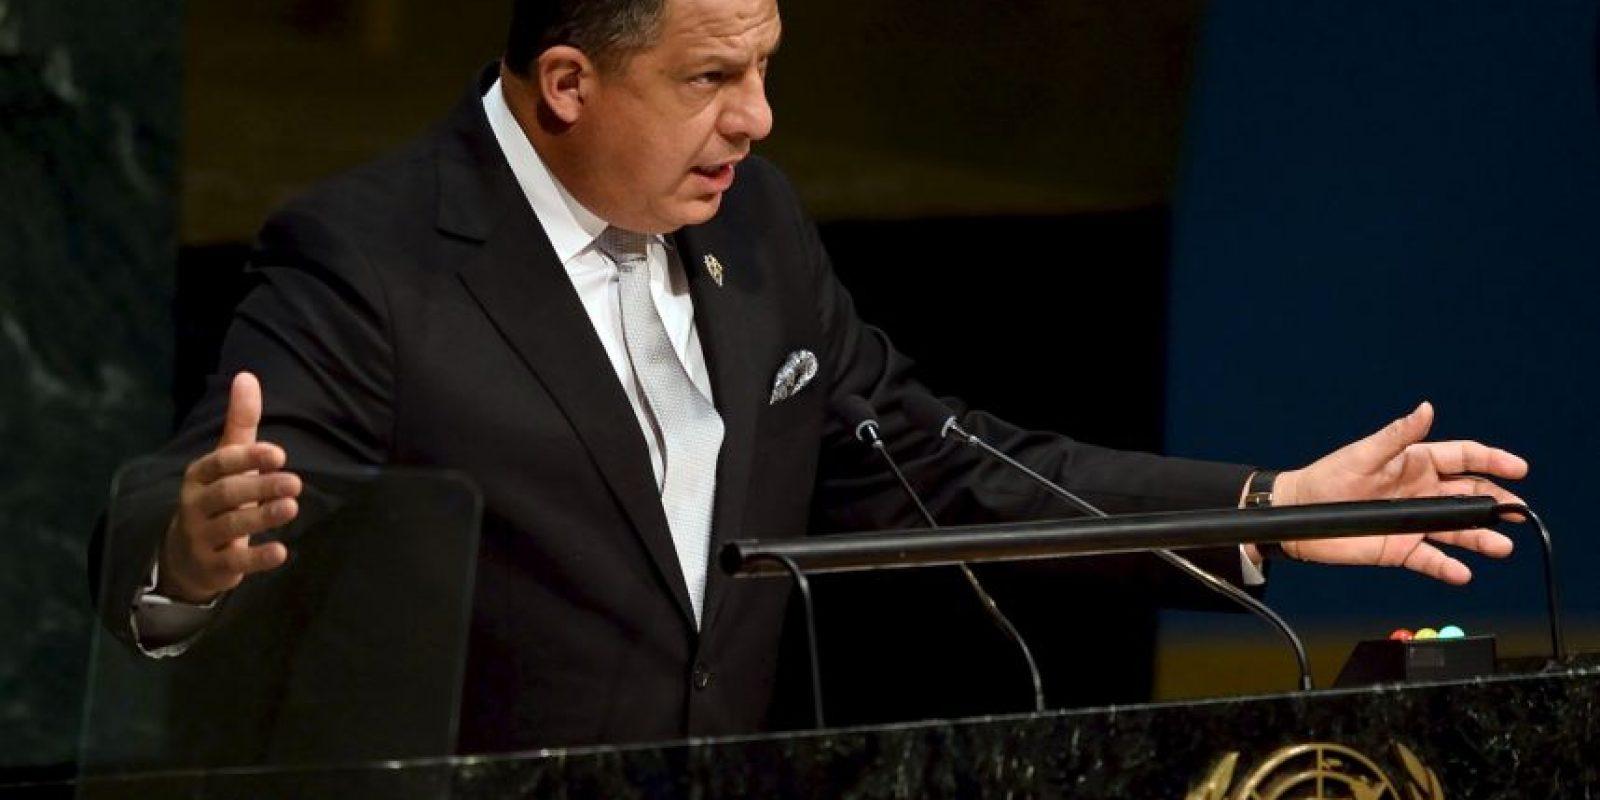 """""""Desde 1946, el proceso para seleccionar a quien ocupa el puesto más importante en la comunidad internacional ha quedado en la opacidad"""", expresó en el pleno de la Asamblea. Foto:AFP"""